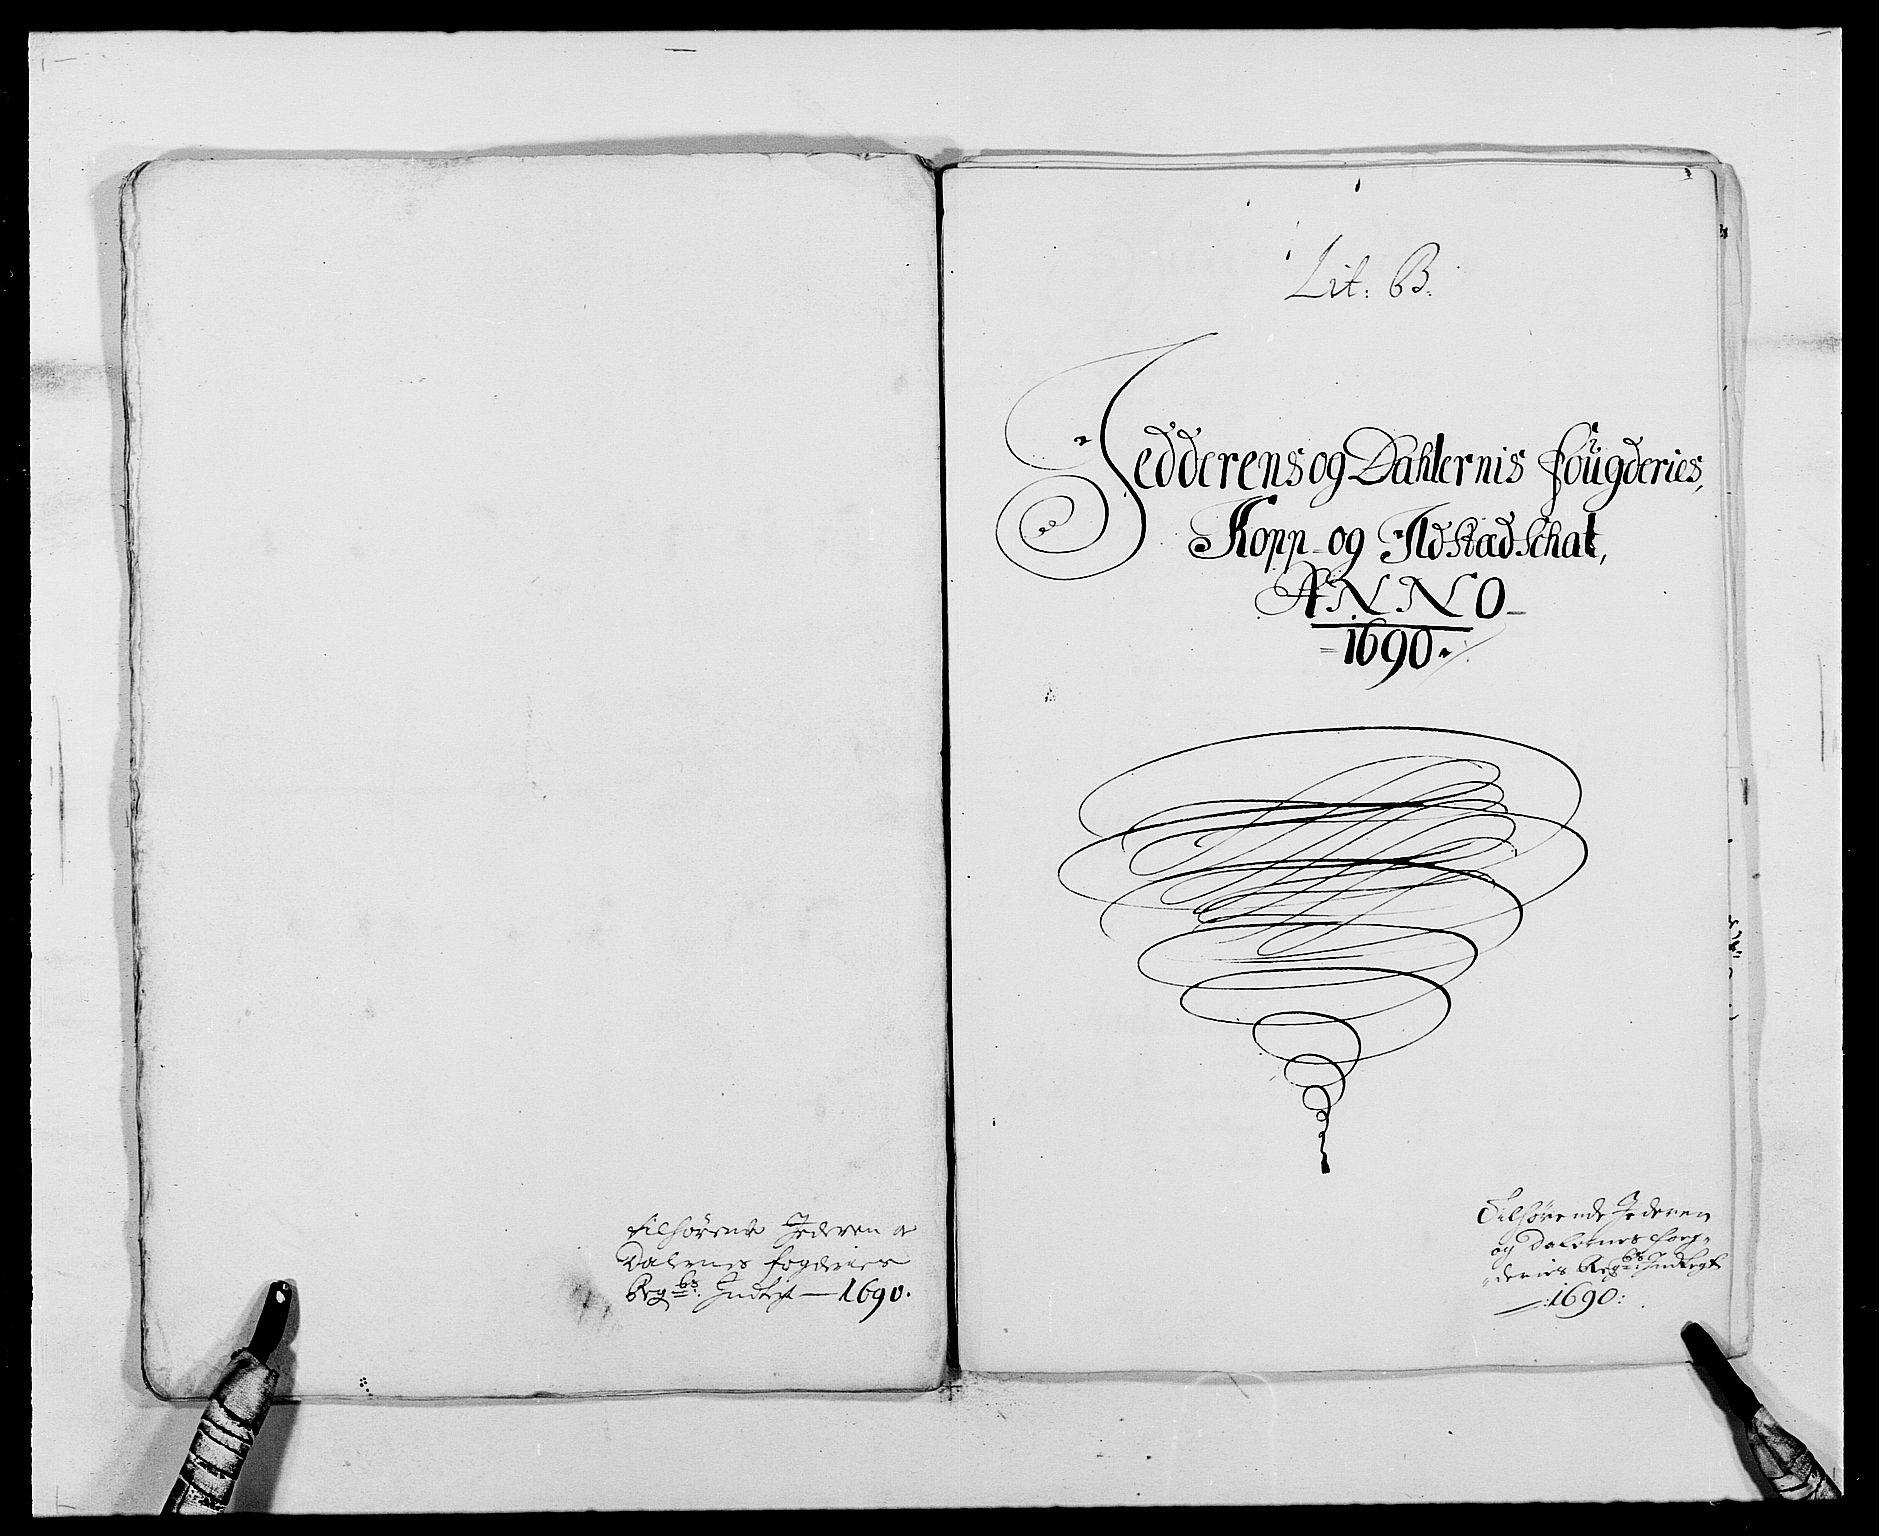 RA, Rentekammeret inntil 1814, Reviderte regnskaper, Fogderegnskap, R46/L2727: Fogderegnskap Jæren og Dalane, 1690-1693, s. 25